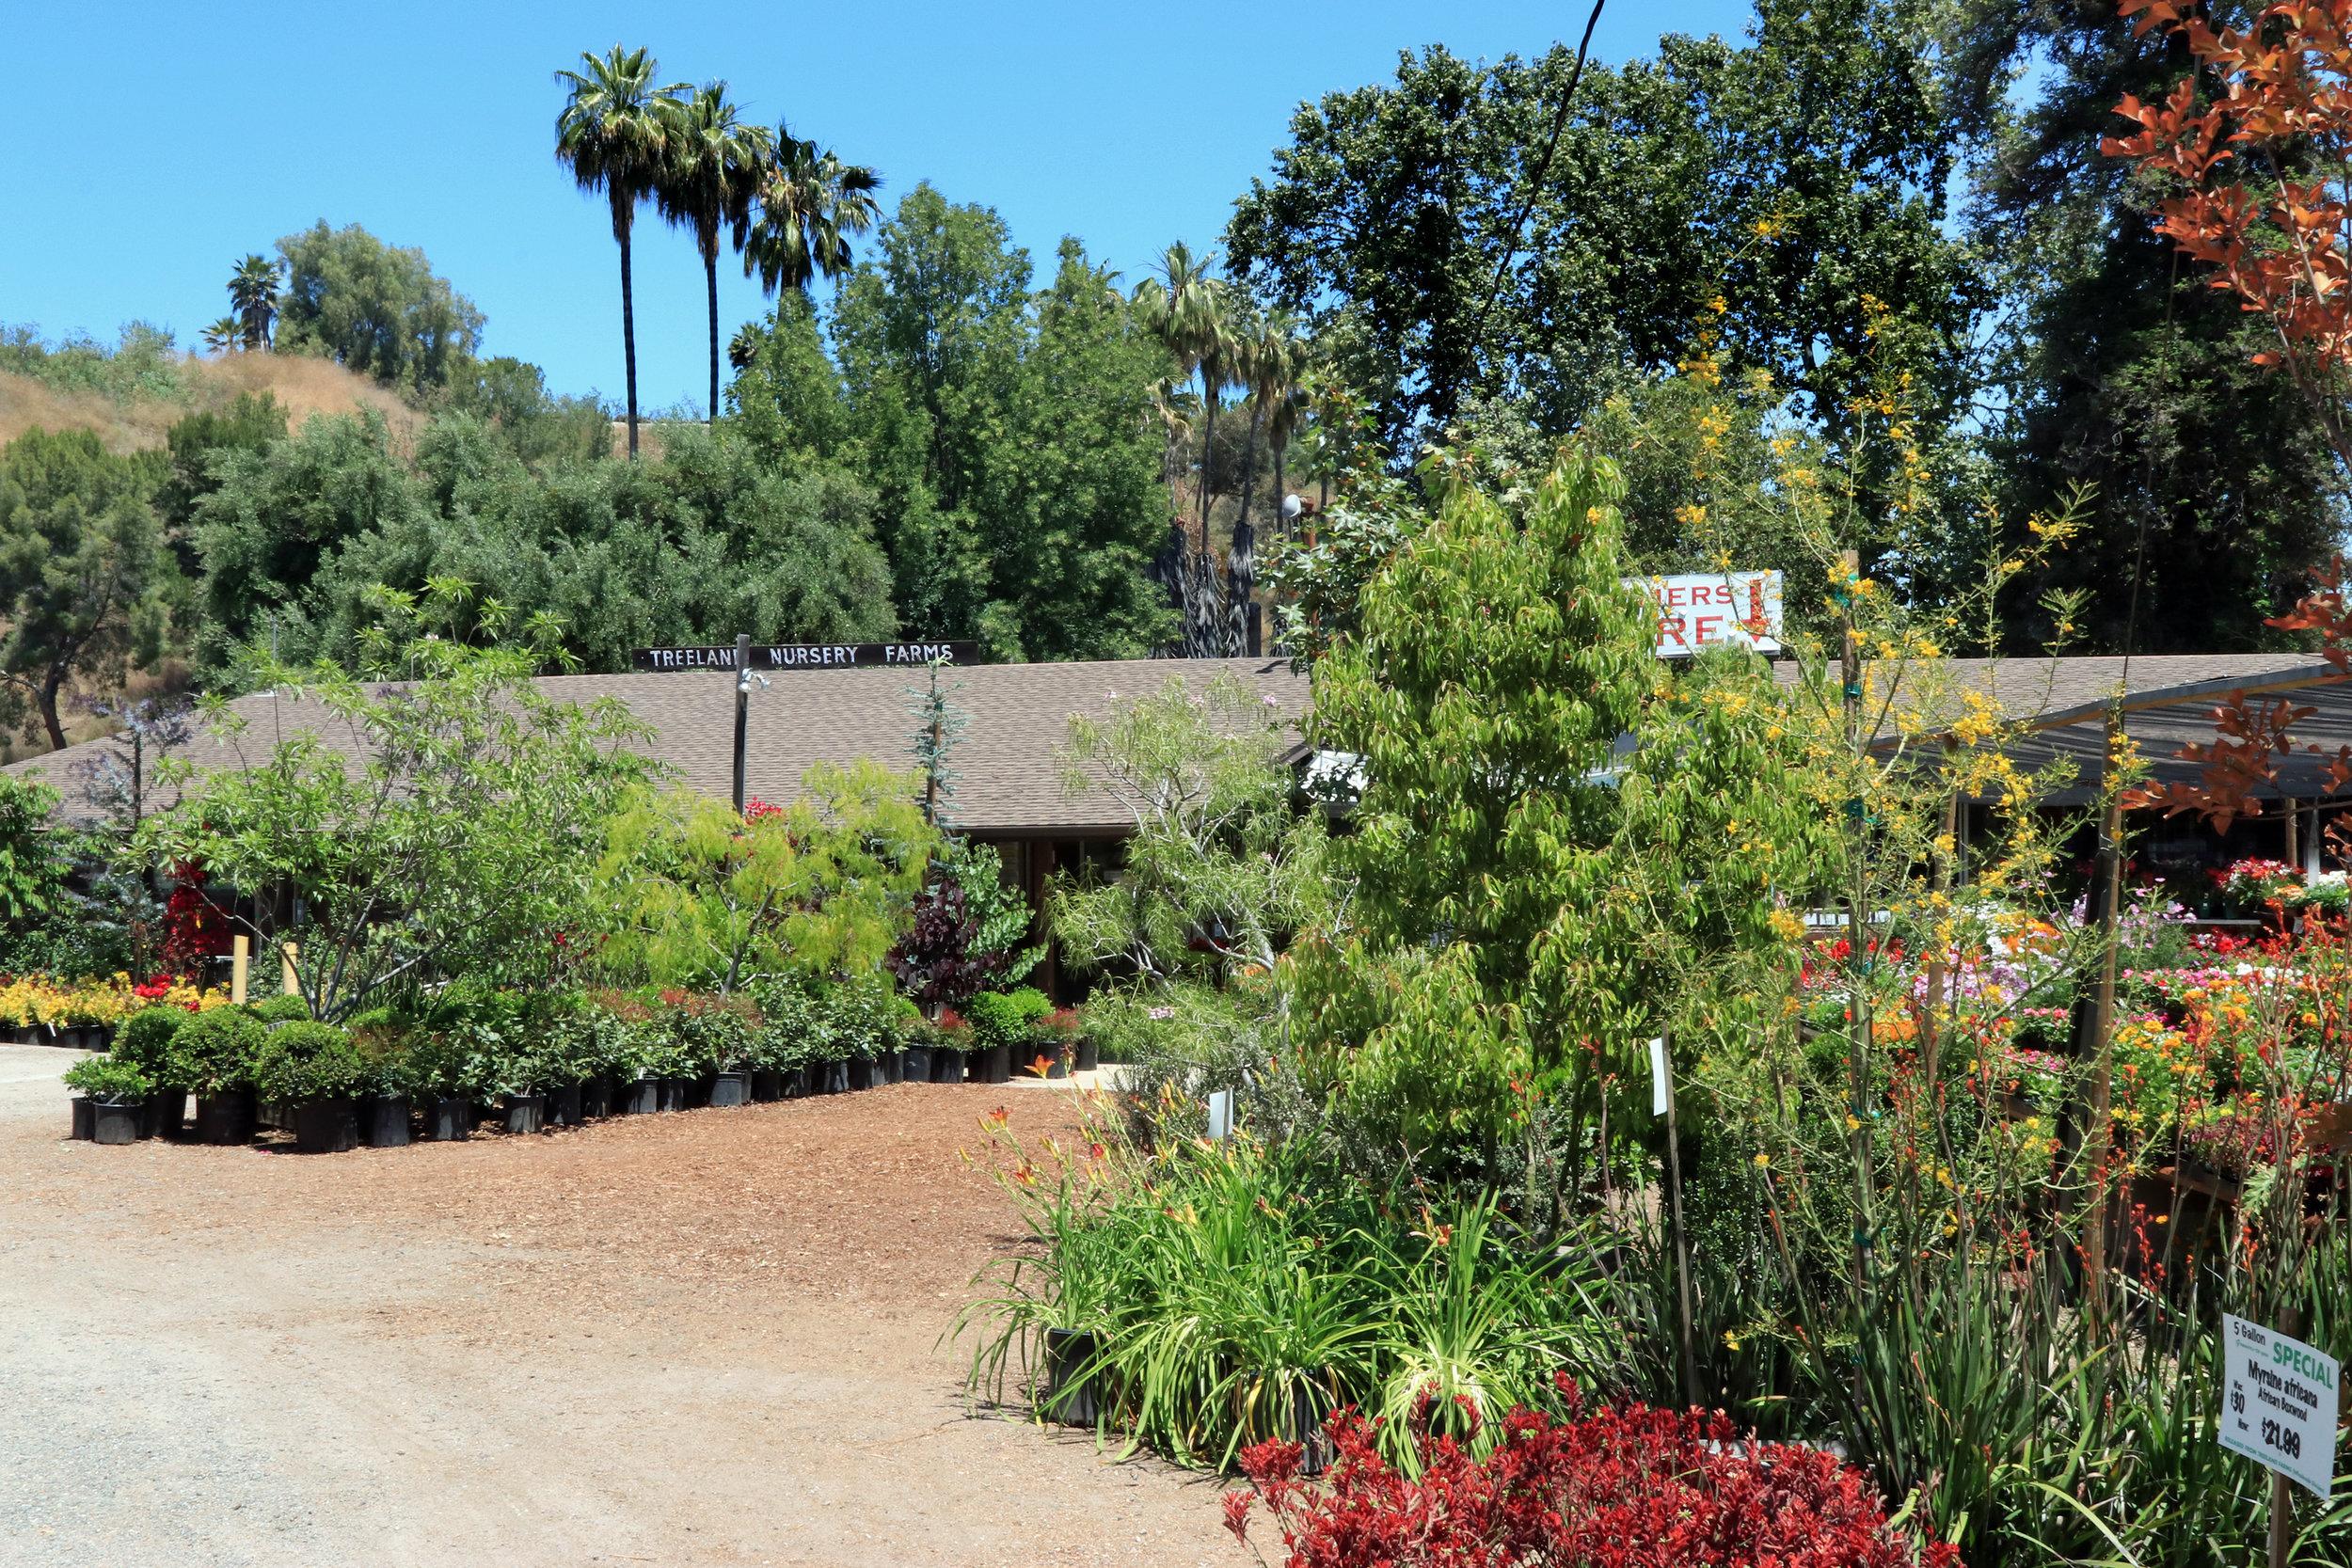 Boething Treeland Farms